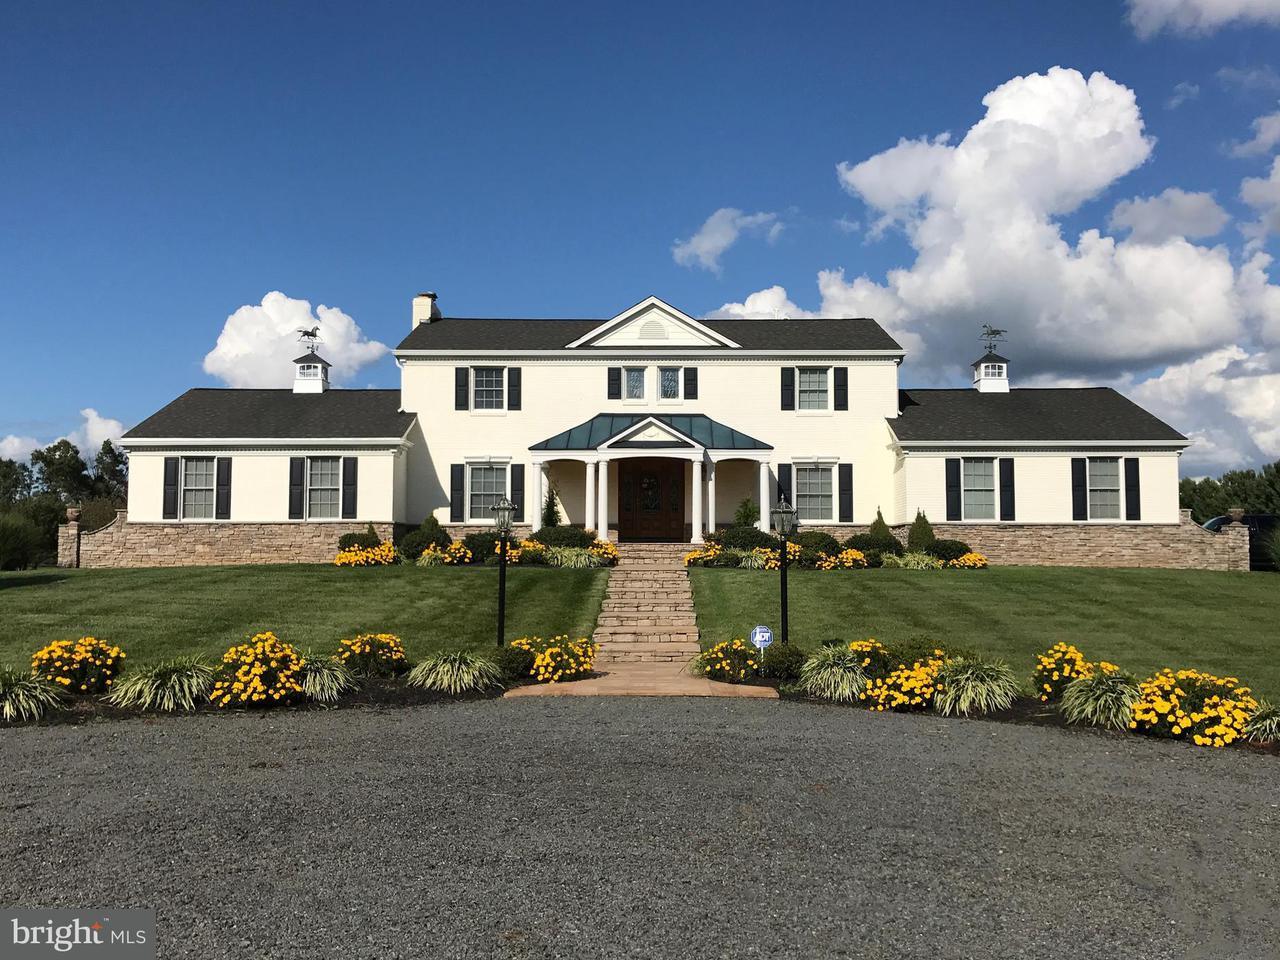 Μονοκατοικία για την Πώληση στο 16616 Gaines Road 16616 Gaines Road Broad Run, Βιρτζινια 20137 Ηνωμενεσ Πολιτειεσ